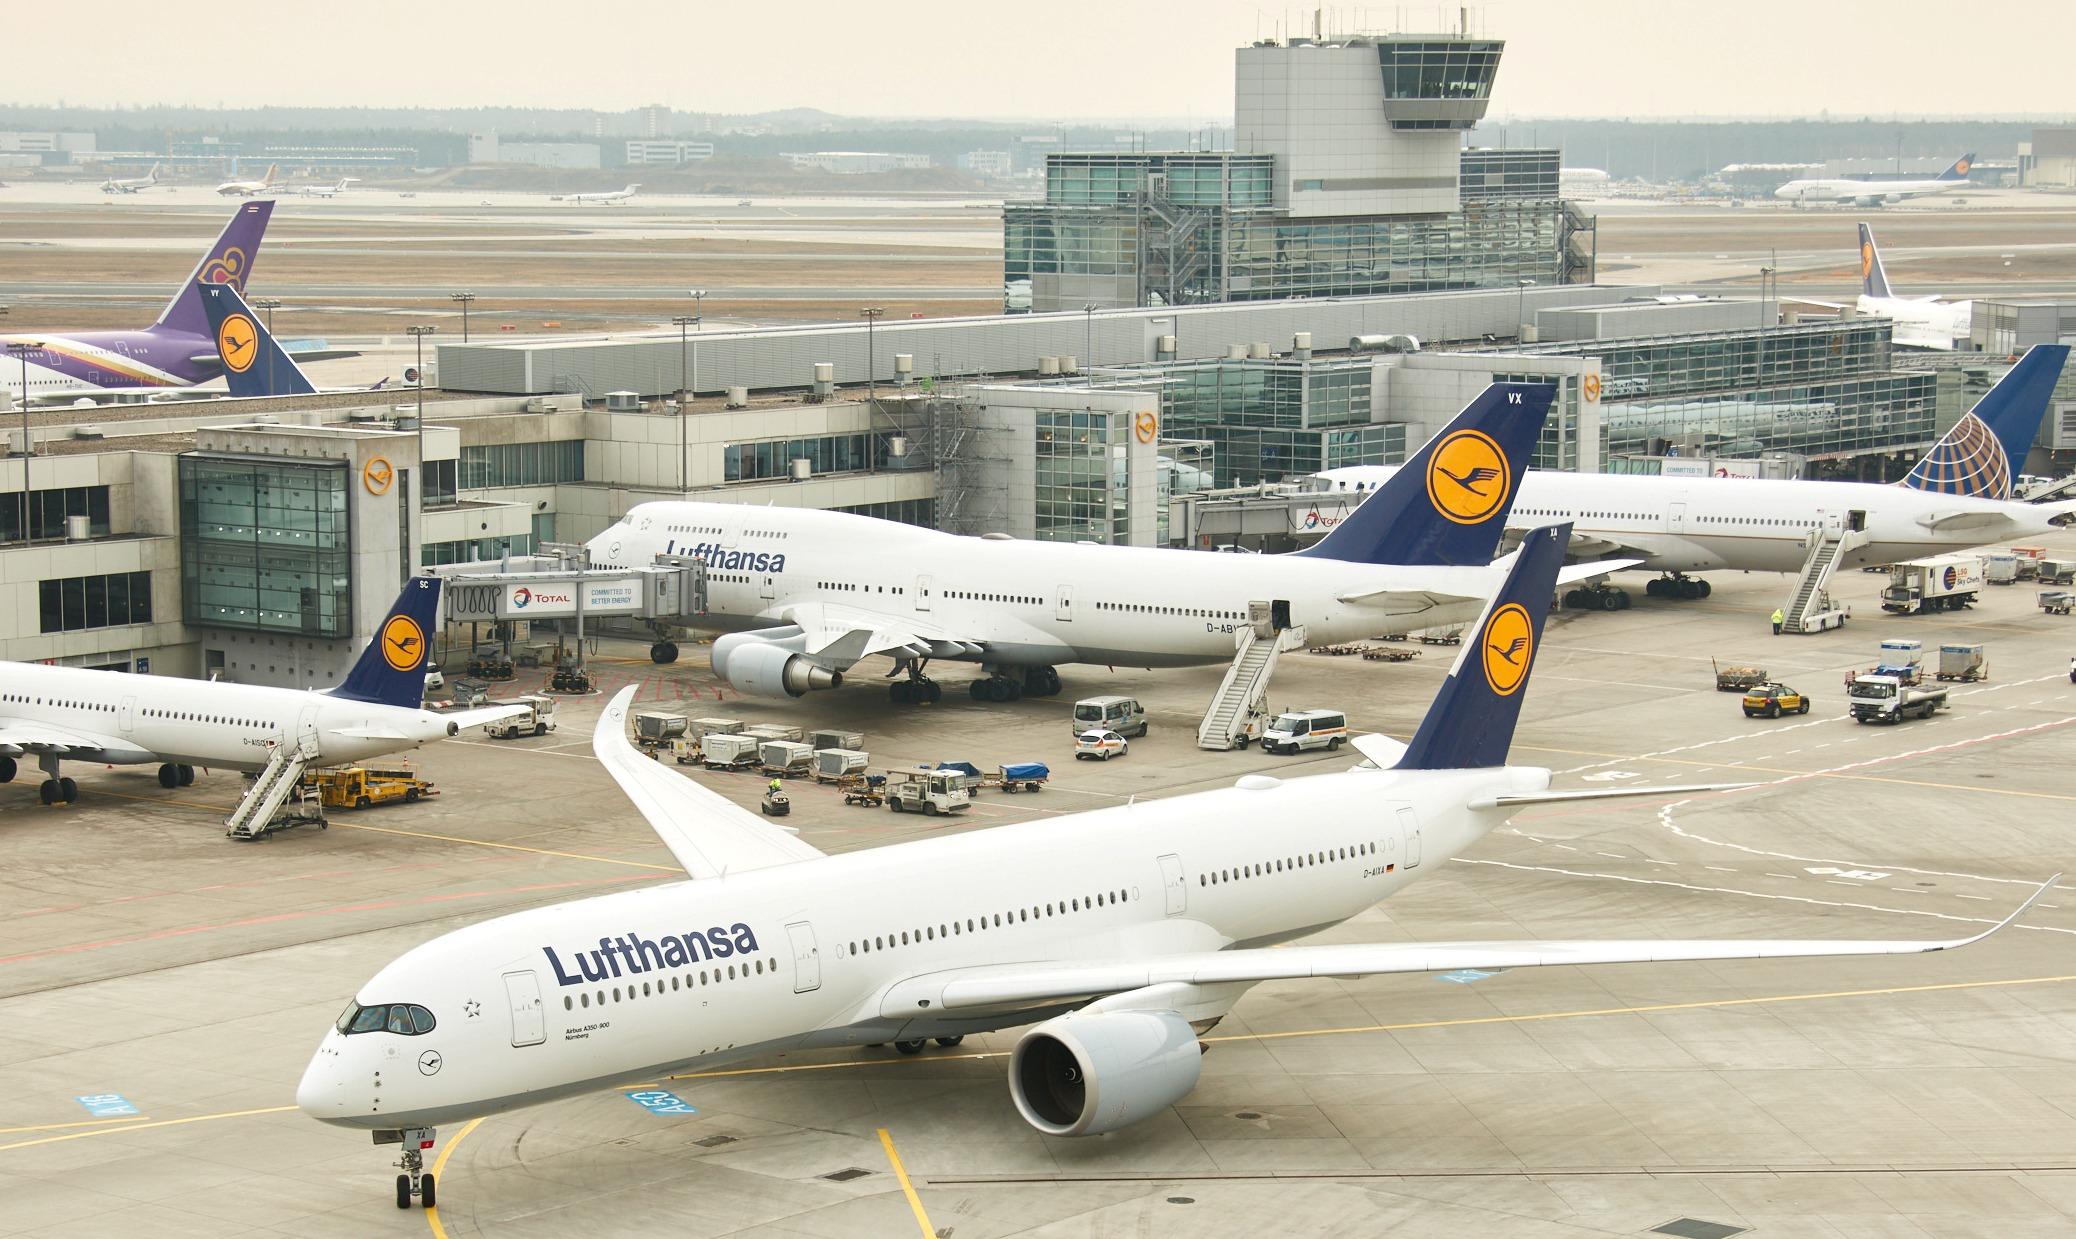 Lufthansa vinder i år prisen som Airline of the Year 2019 – her er foto fra selskabets hovedlufthavn, Frankfurt. Pressefoto: Lufthansa.